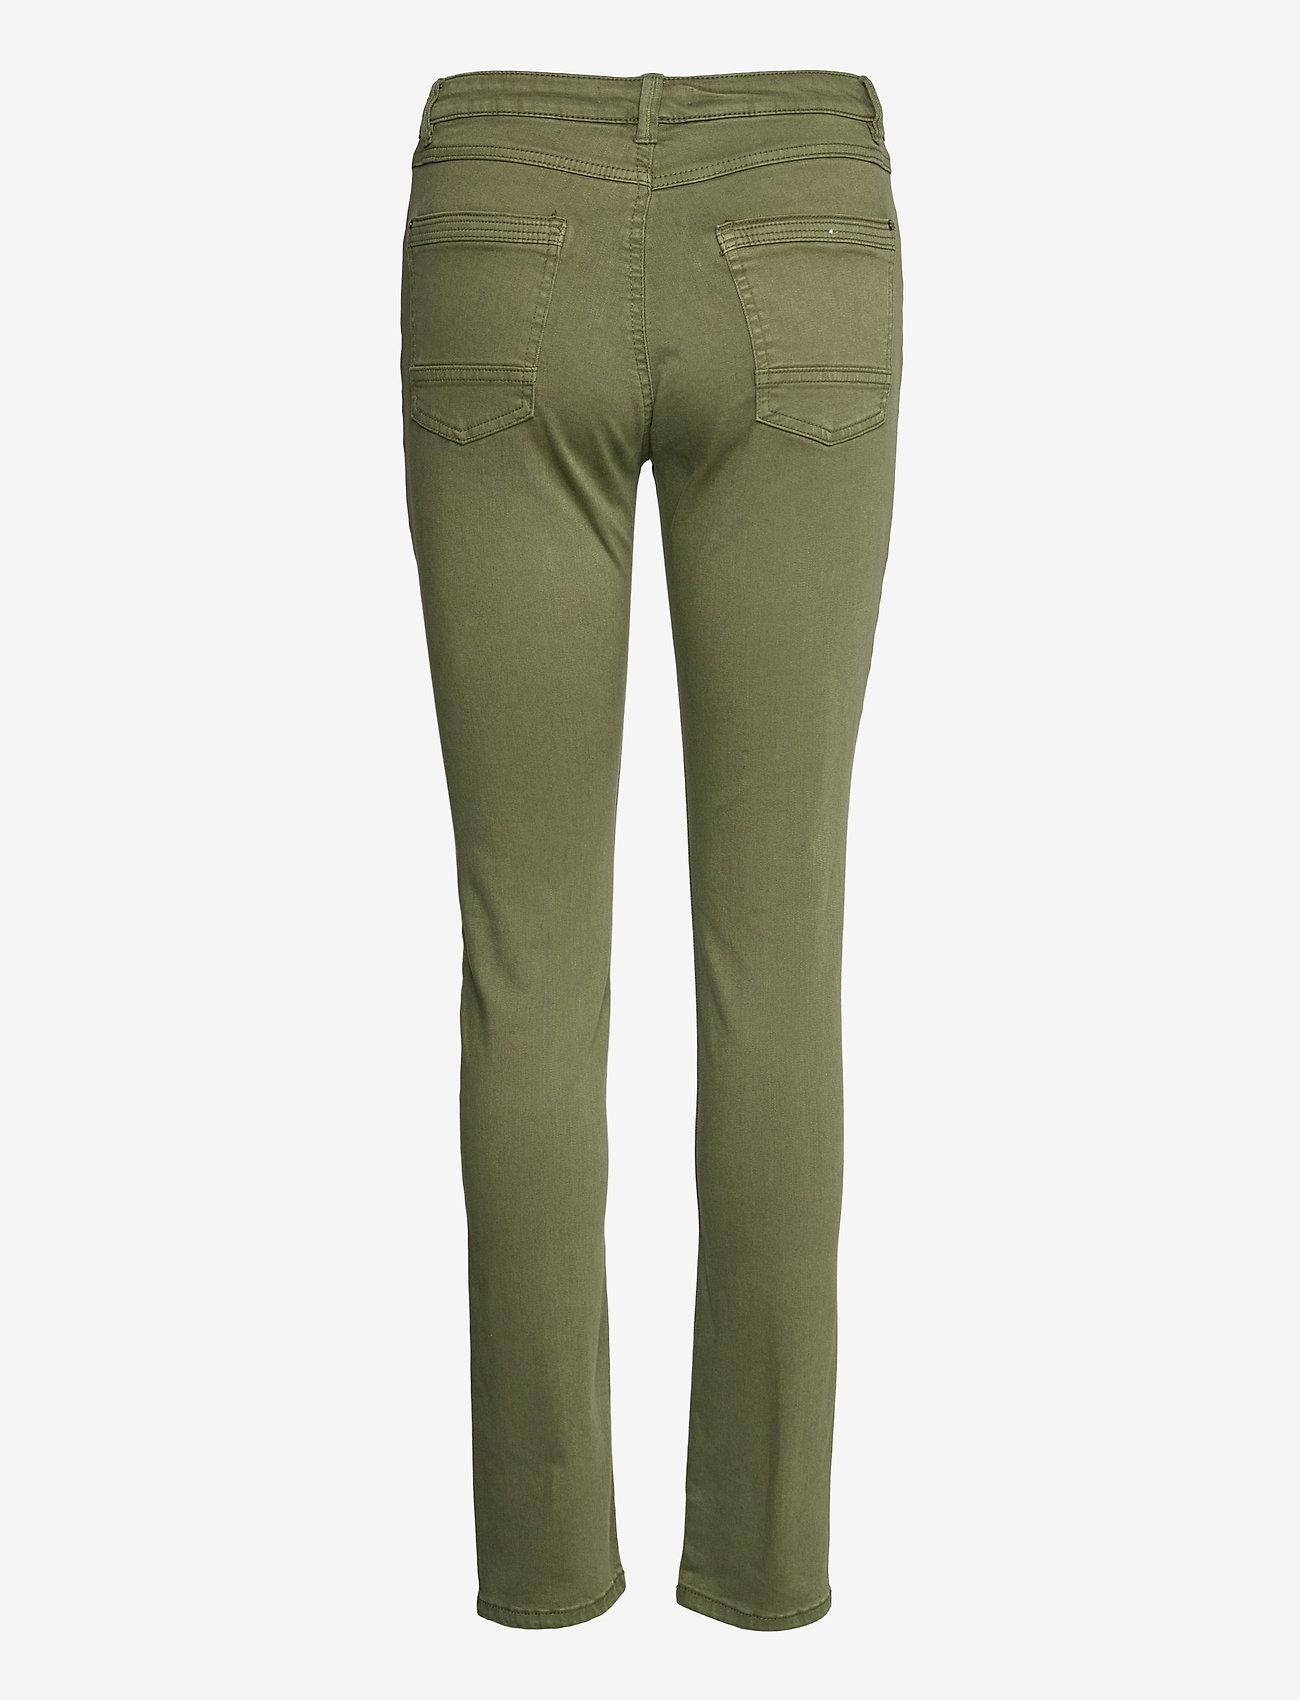 Esprit Casual - Pants woven - slim fit bukser - khaki green - 1